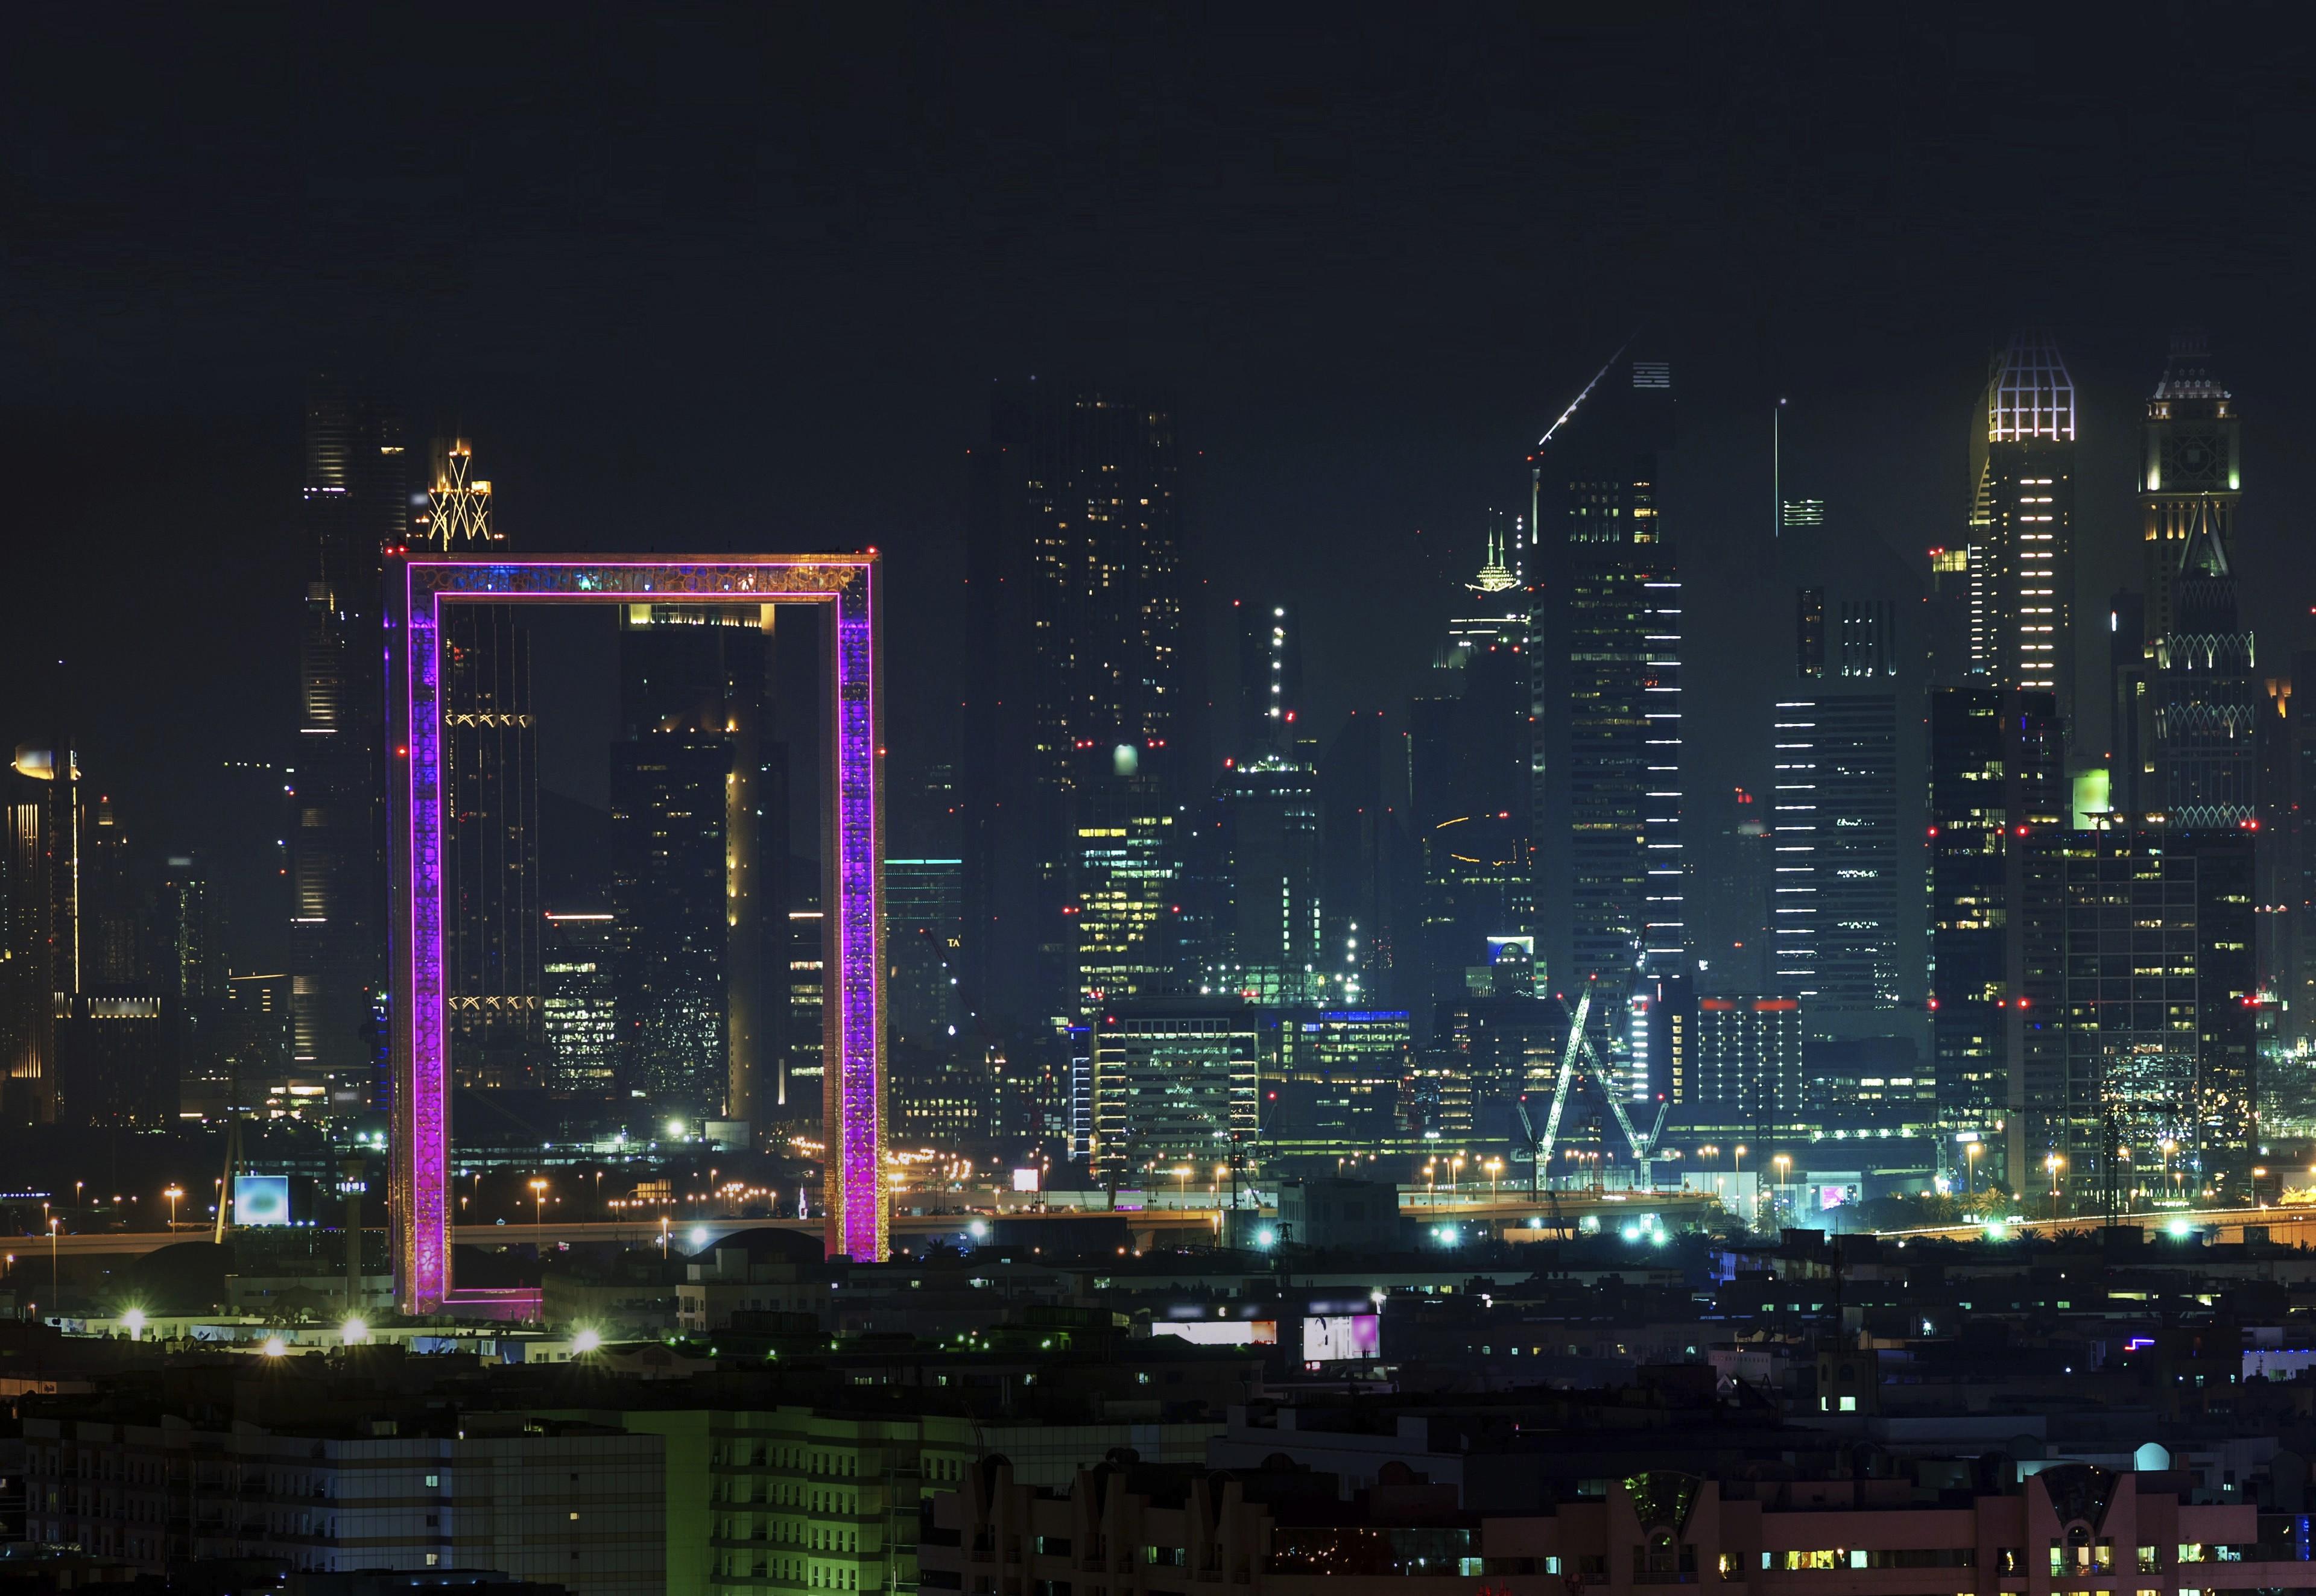 Emirados Árabes oferecem visto de residência permanente a investidores e 'talentos excepcionais' - Noticias